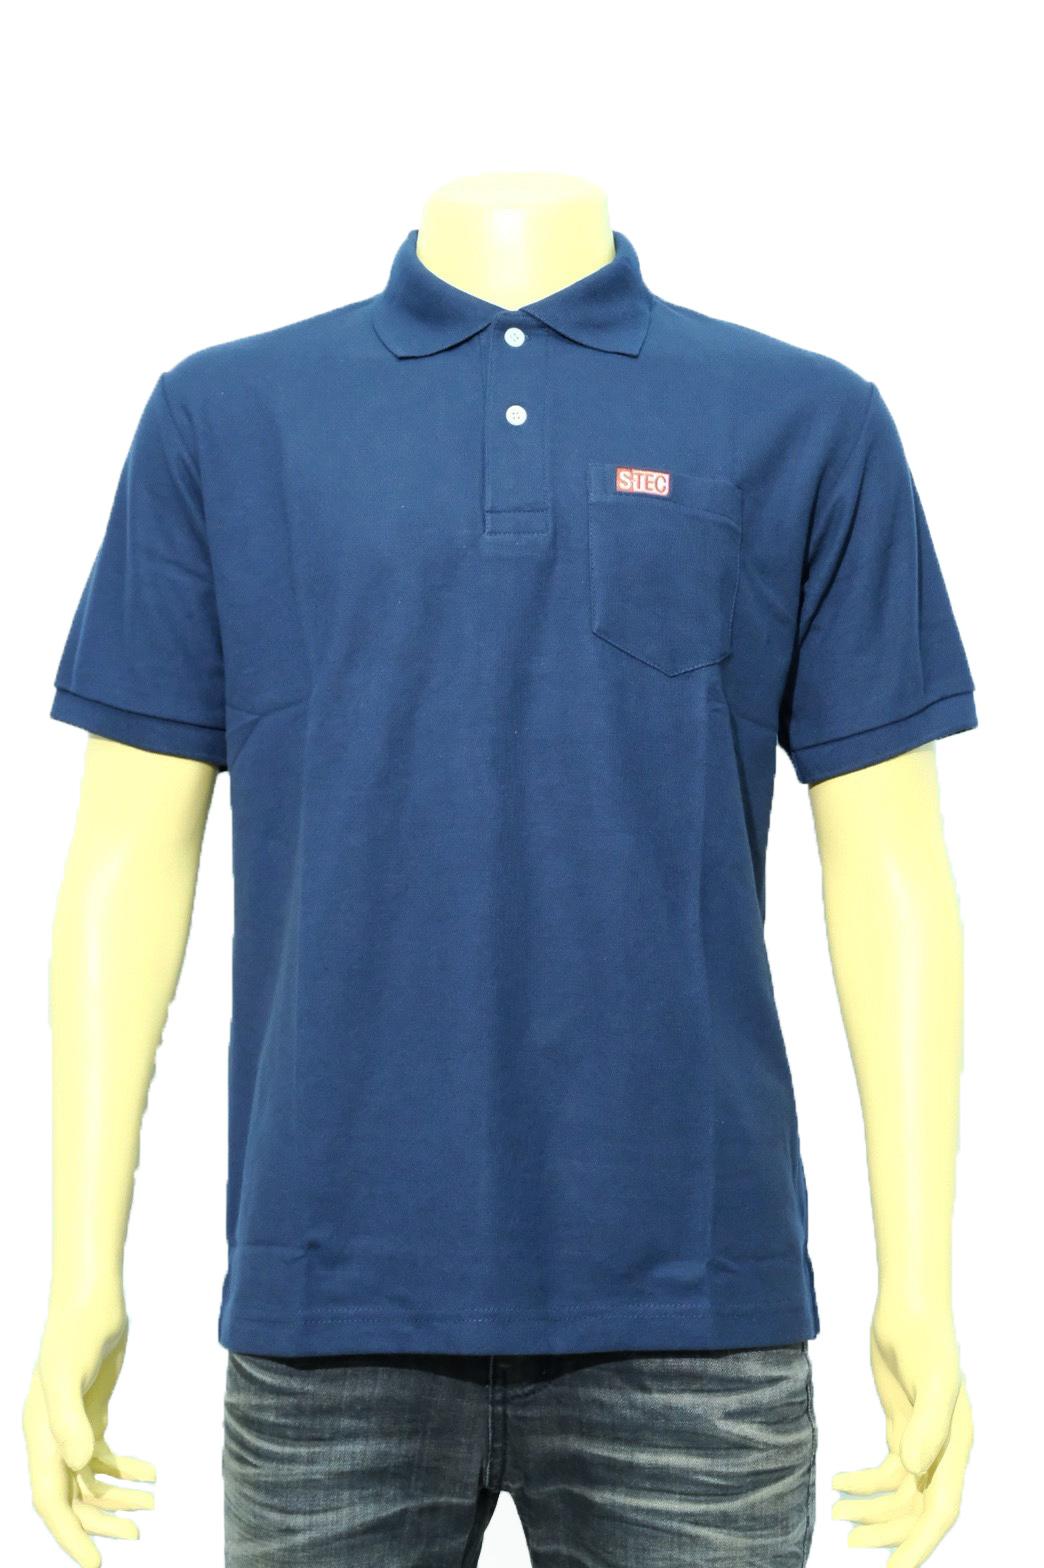 ออกแบบเสื้อยืดโปโล